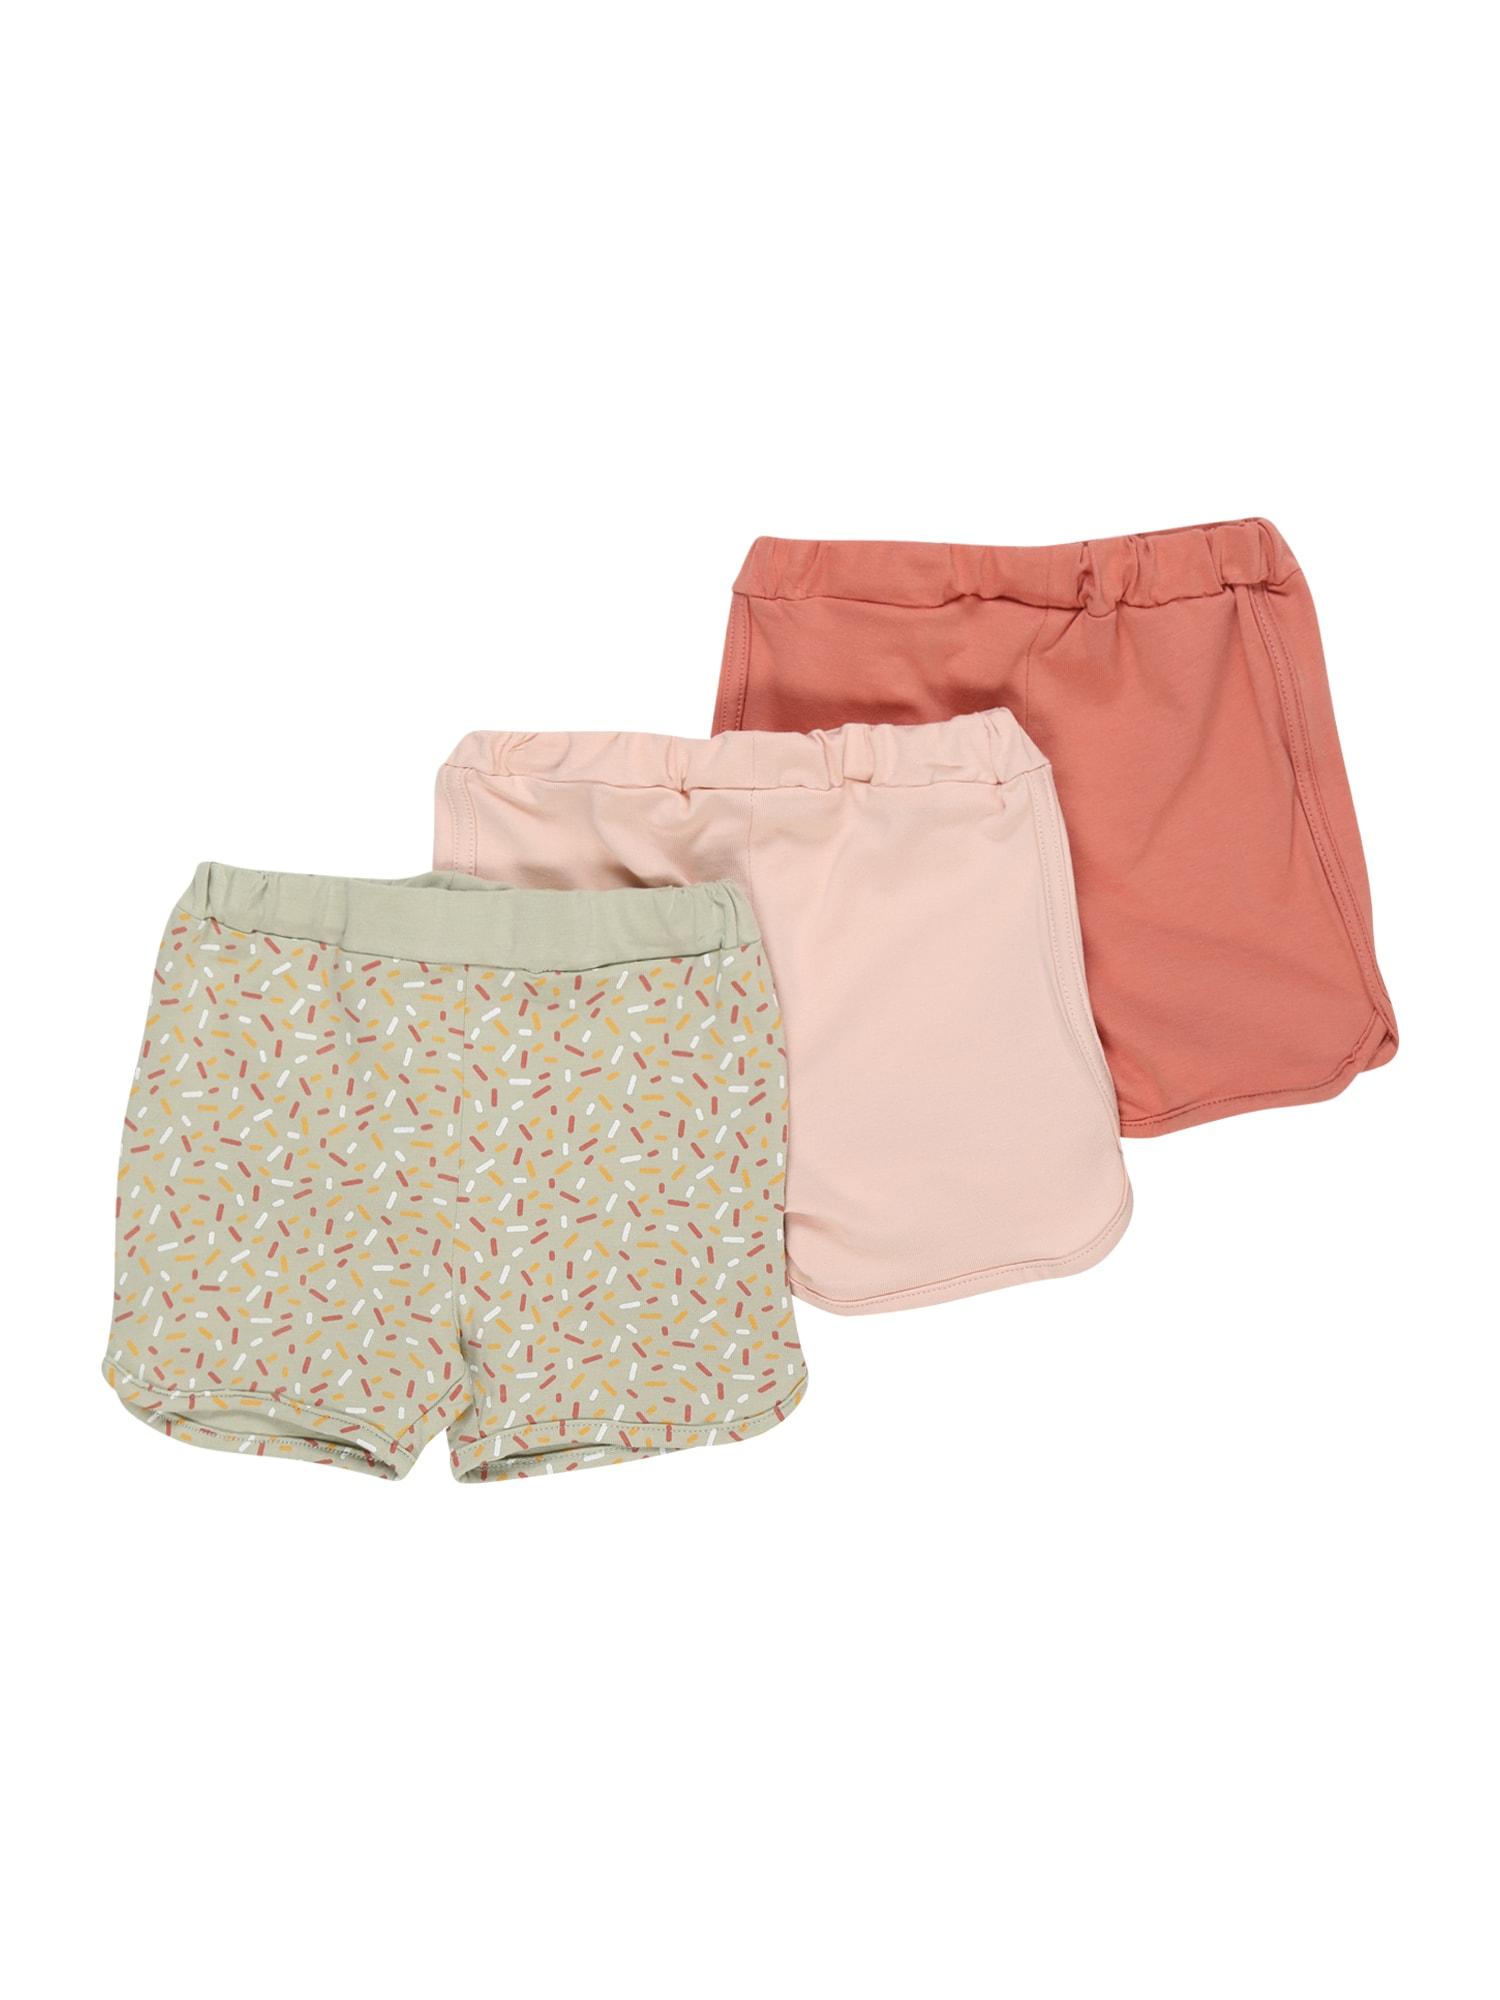 NAME IT Kelnės 'BARBEL' pastelinė žalia / pastelinė rožinė / lašišų spalva